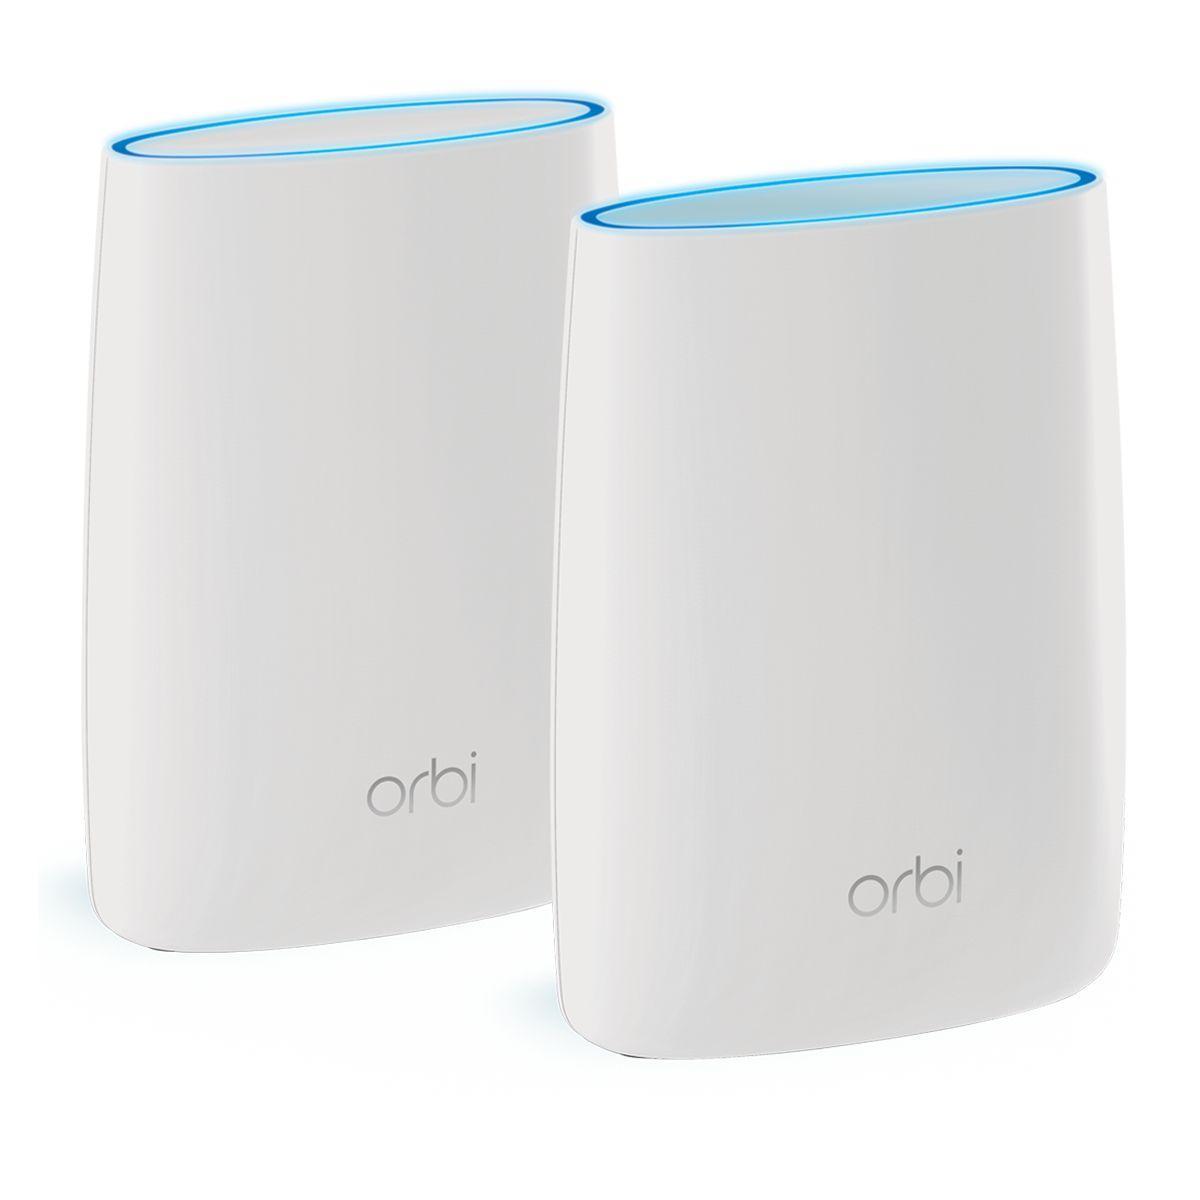 Modem/routeur wifi netgear orbi pack routeur+satellite rbk50-100pes - livraison offerte : code premium